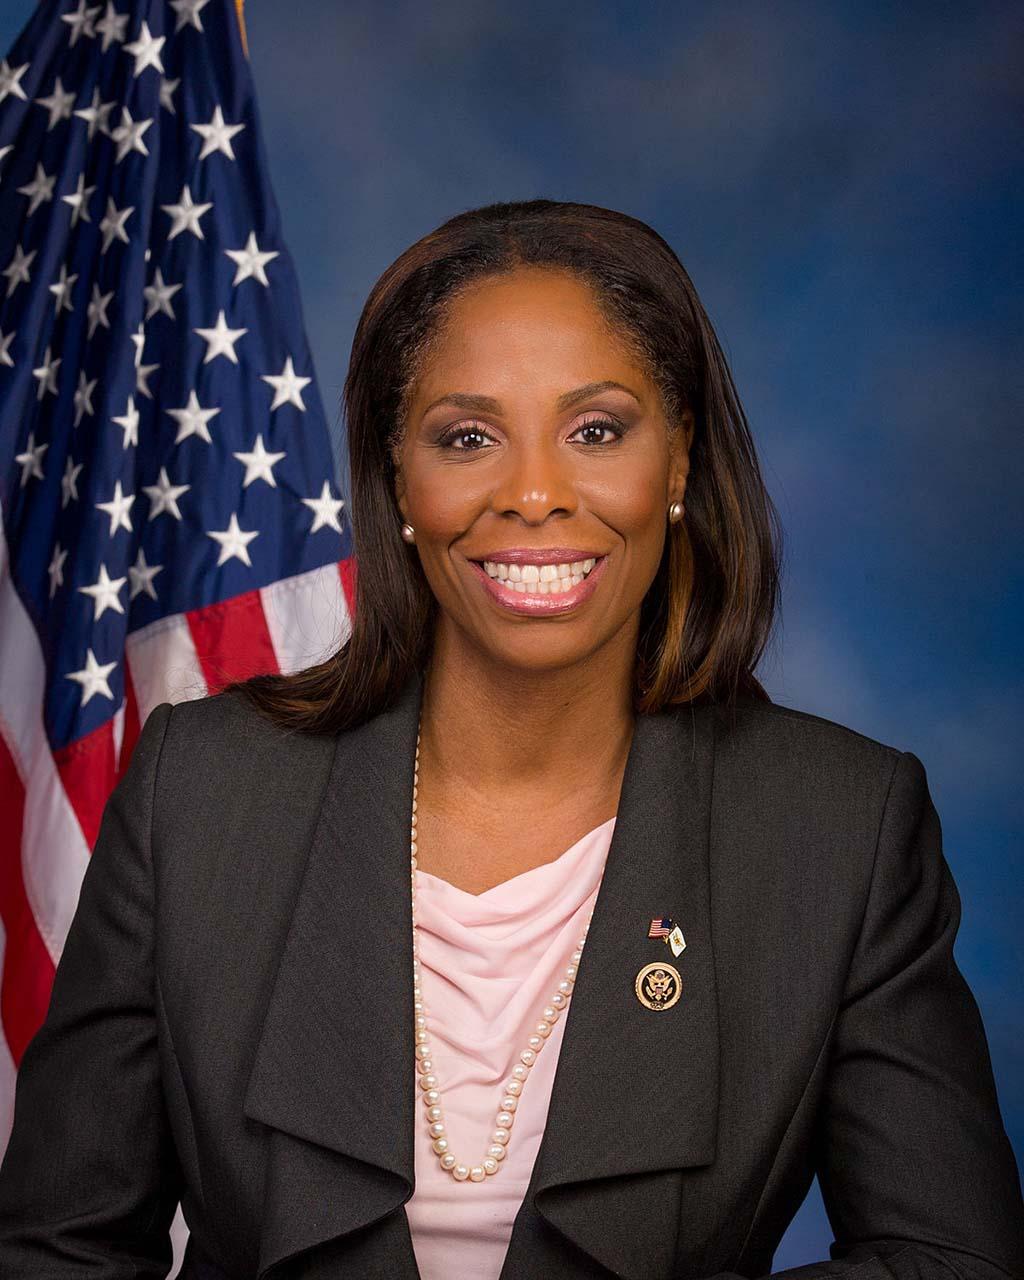 Representative Stacey Plaskett